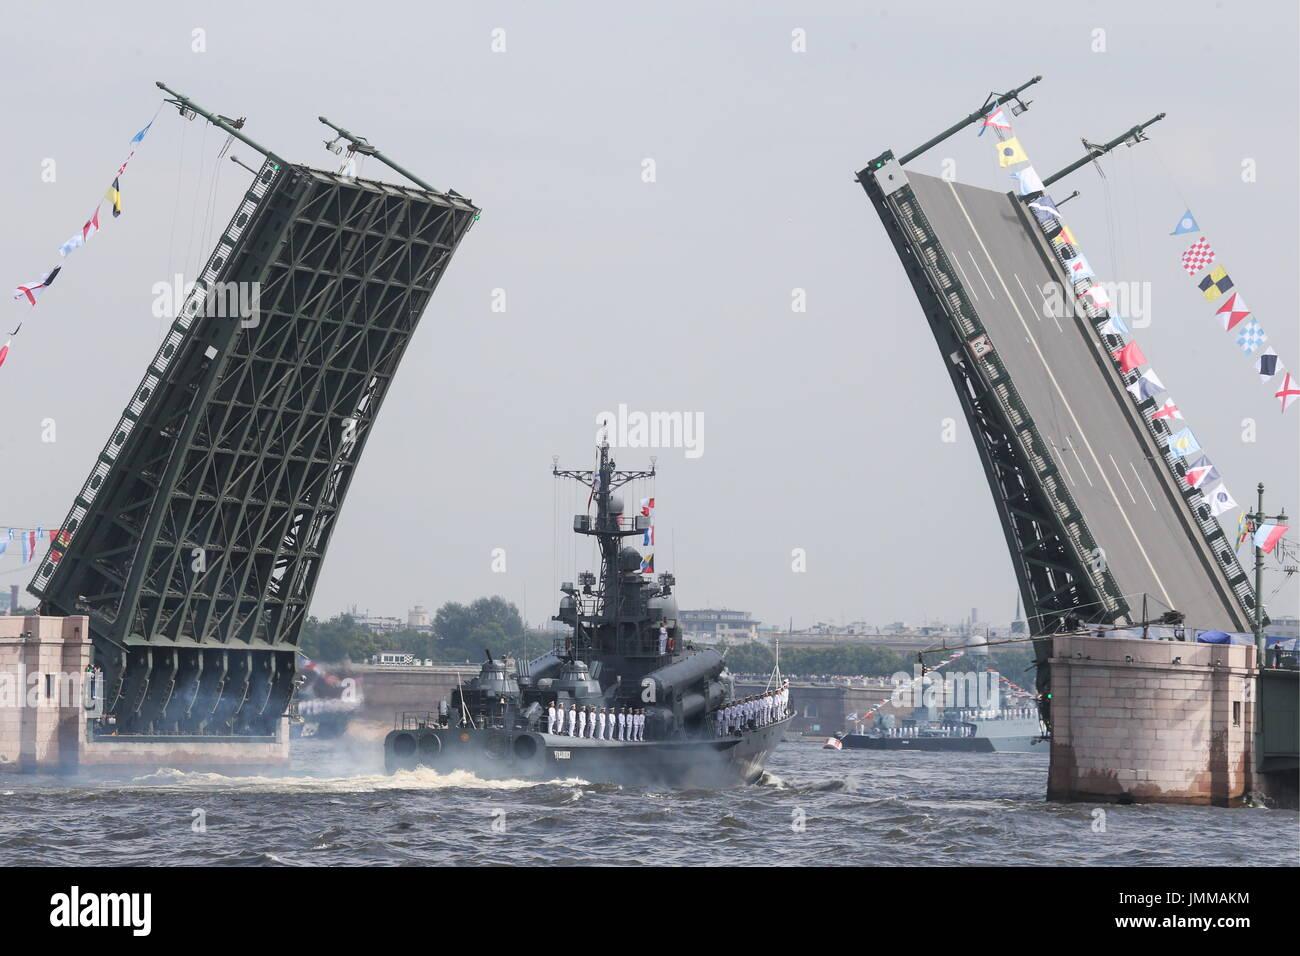 San Pietroburgo, Russia. 28 Luglio, 2017. La Chuvashia missile barca prende parte in una prova del prossimo marina Immagini Stock